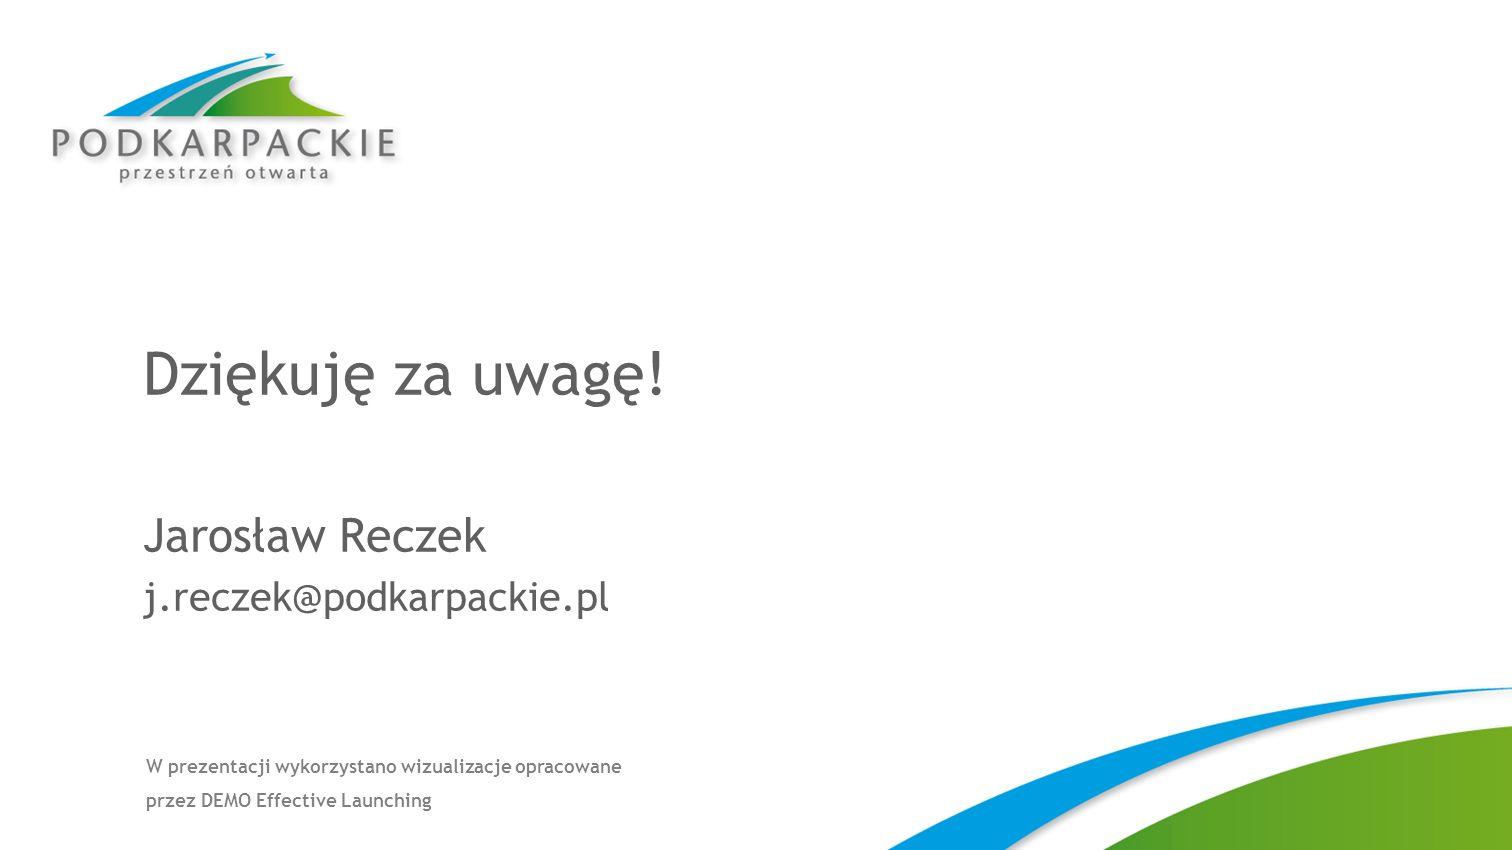 Dziękuję za uwagę! Jarosław Reczek j.reczek@podkarpackie.pl W prezentacji wykorzystano wizualizacje opracowane przez DEMO Effective Launching